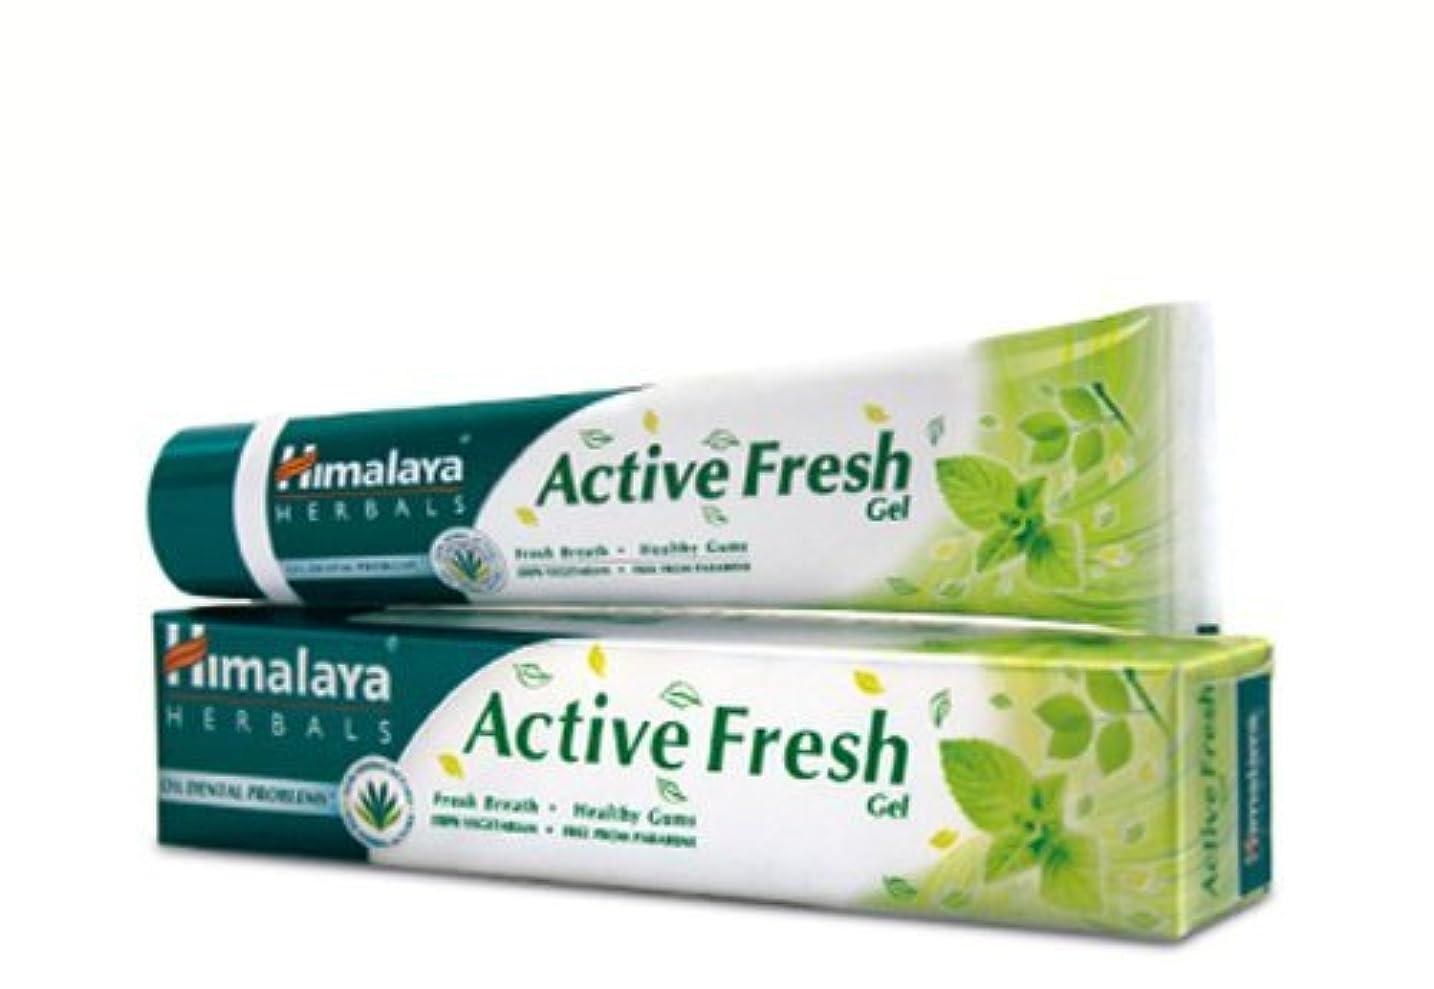 グリップ生じる衝突するヒマラヤ トゥースペイスト アクティブ フレッシュ(歯磨き粉)80g Himalaya Active Fresh Toothpaste